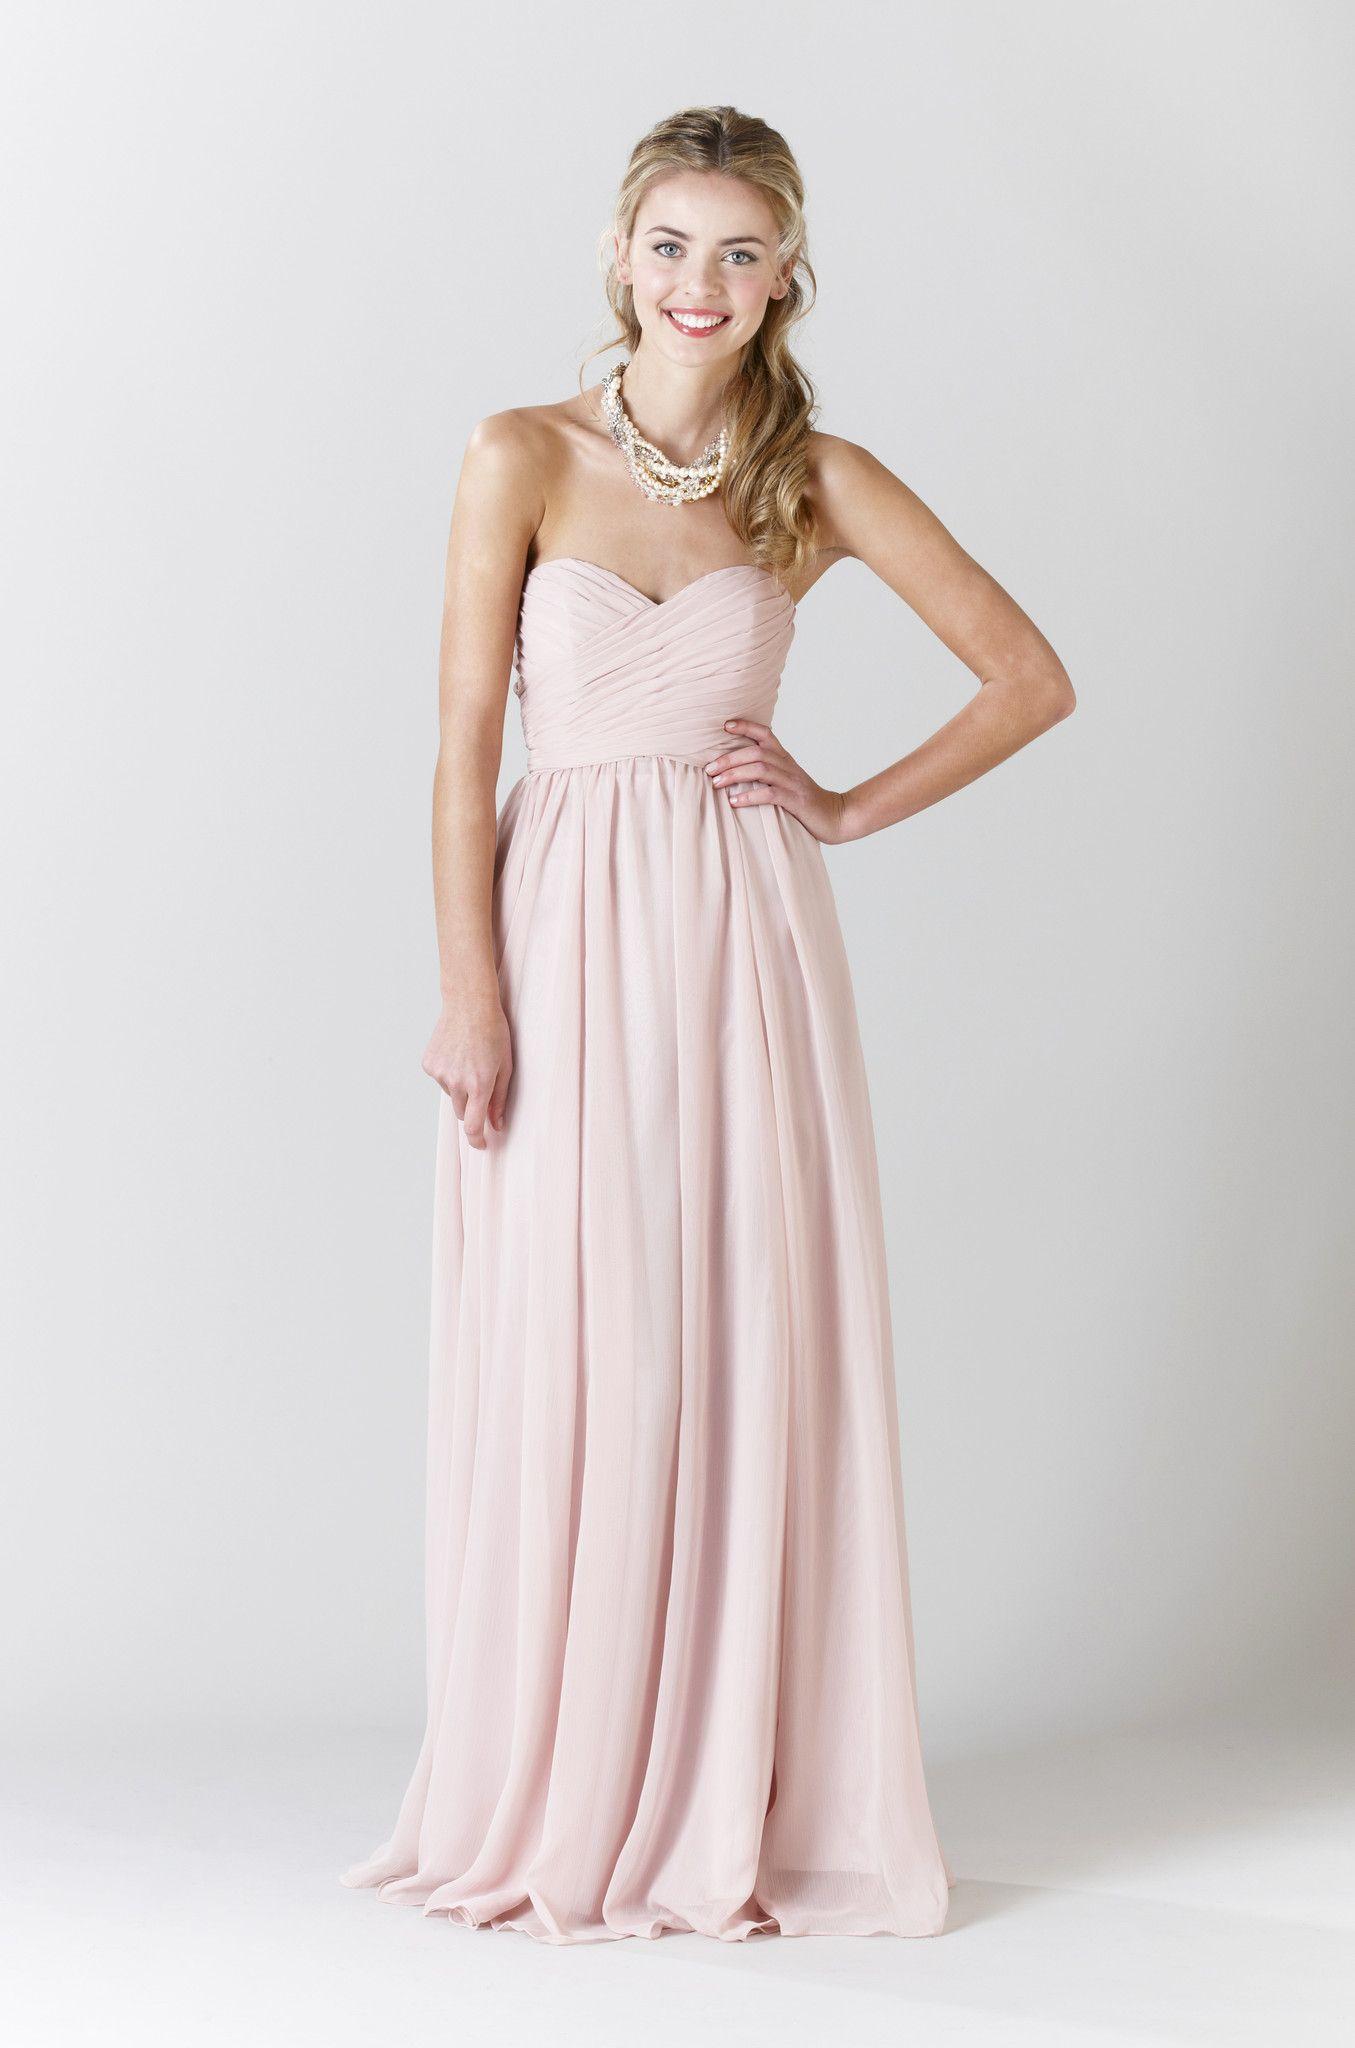 Olivia pastels wedding and wedding